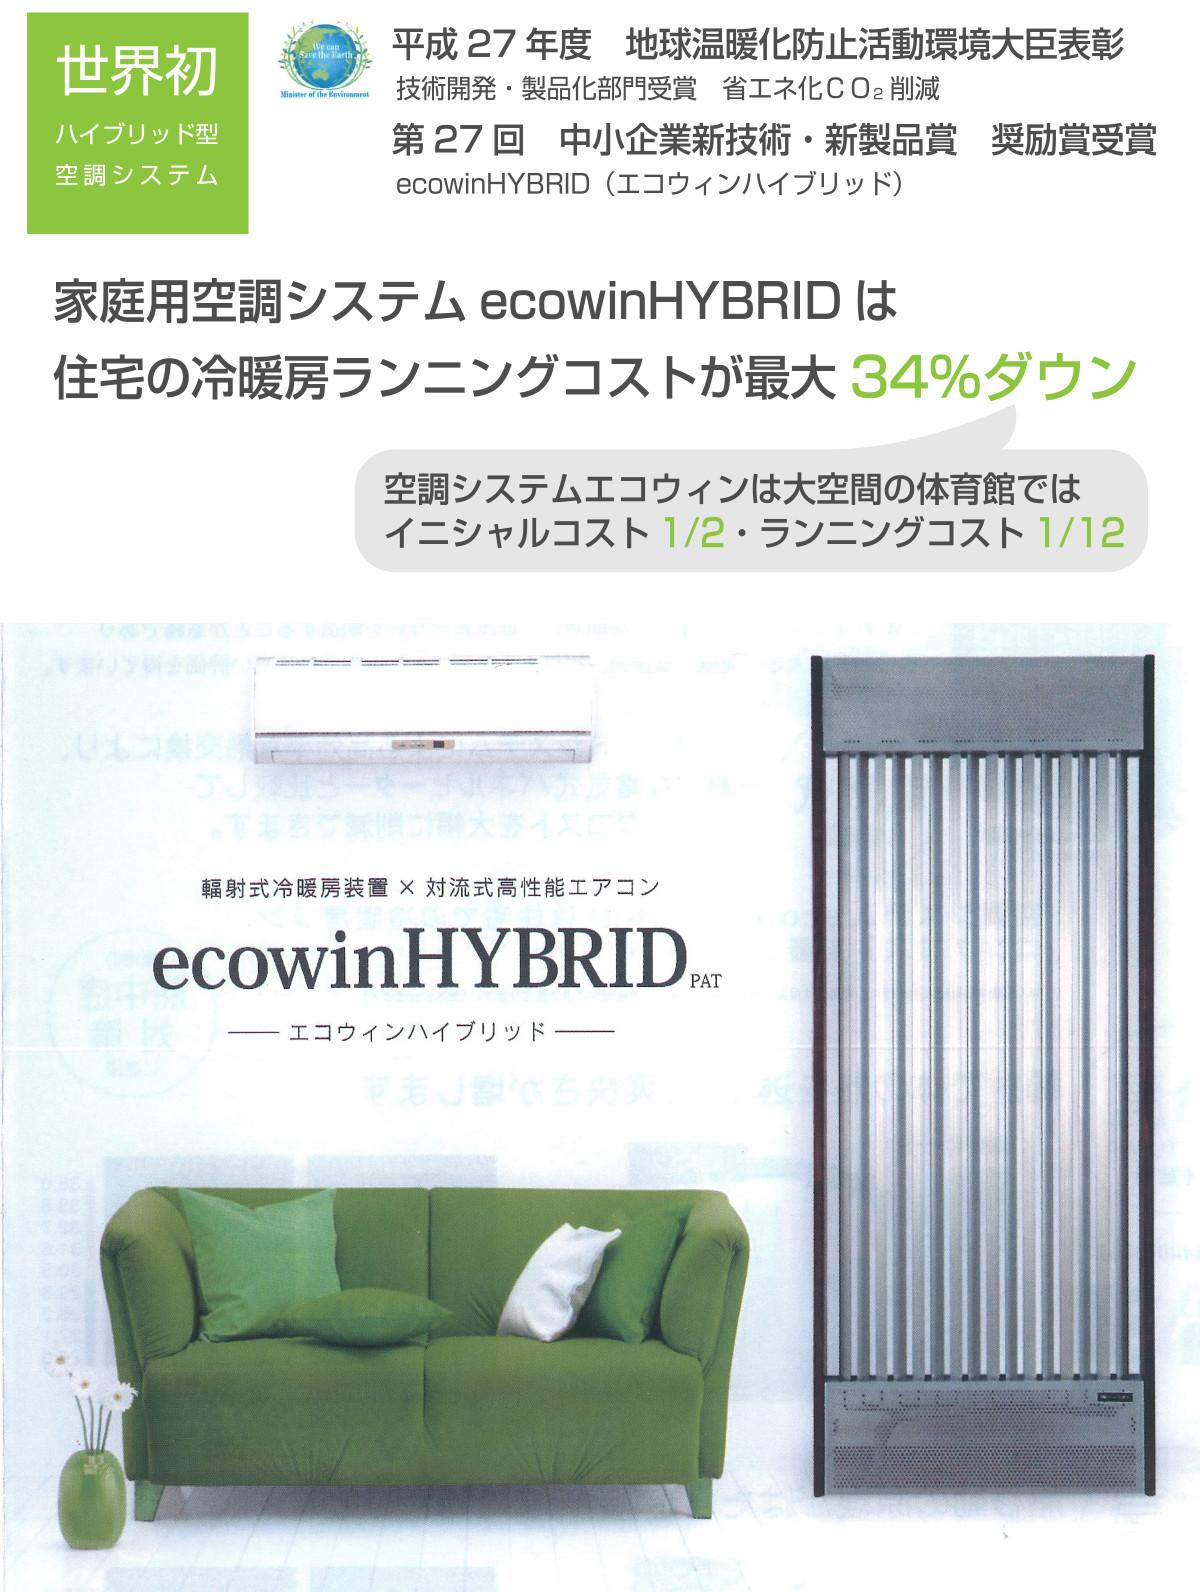 家庭用空調システムechowinHYBRIDは住宅の冷暖房ランニングコストが最大34%ダウン 空調システムエコウィンは大空間の体育館ではイニシャルコスト1/2・ランニングコスト1/12